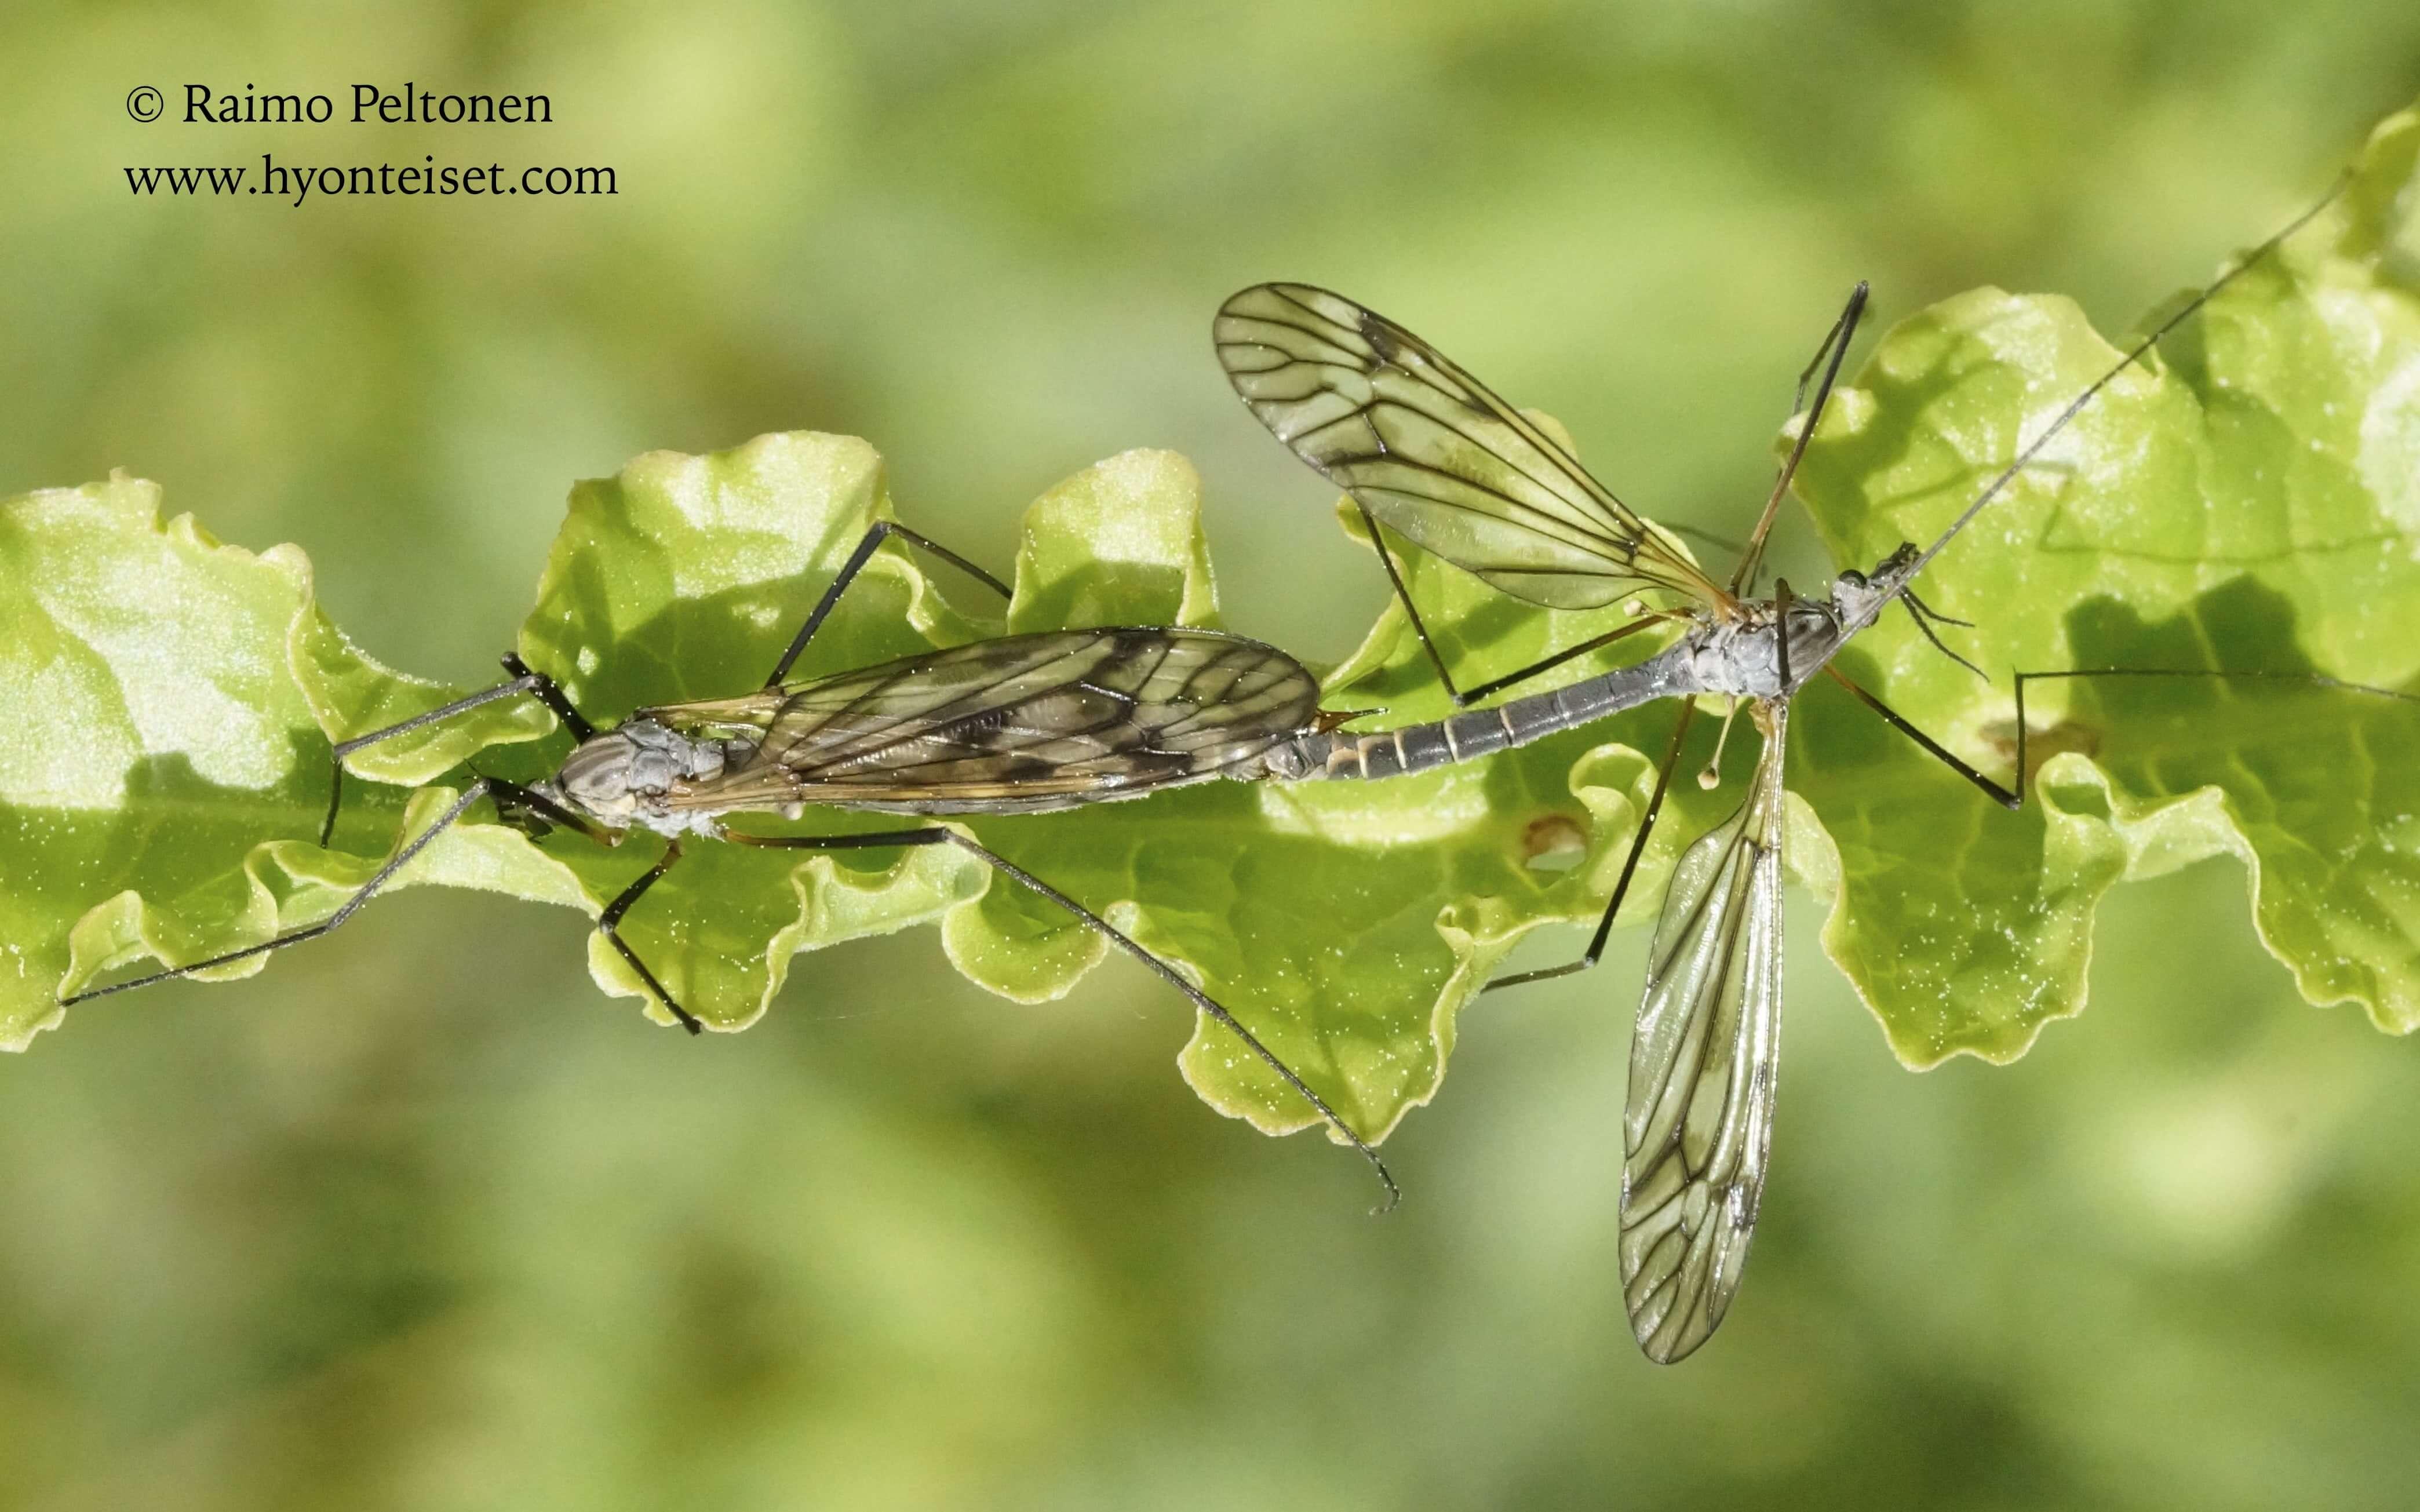 Tipula varipennis-polkukirjokirsikäs (det. Esko Viitanen), 16.6.2015 Jyväskylä